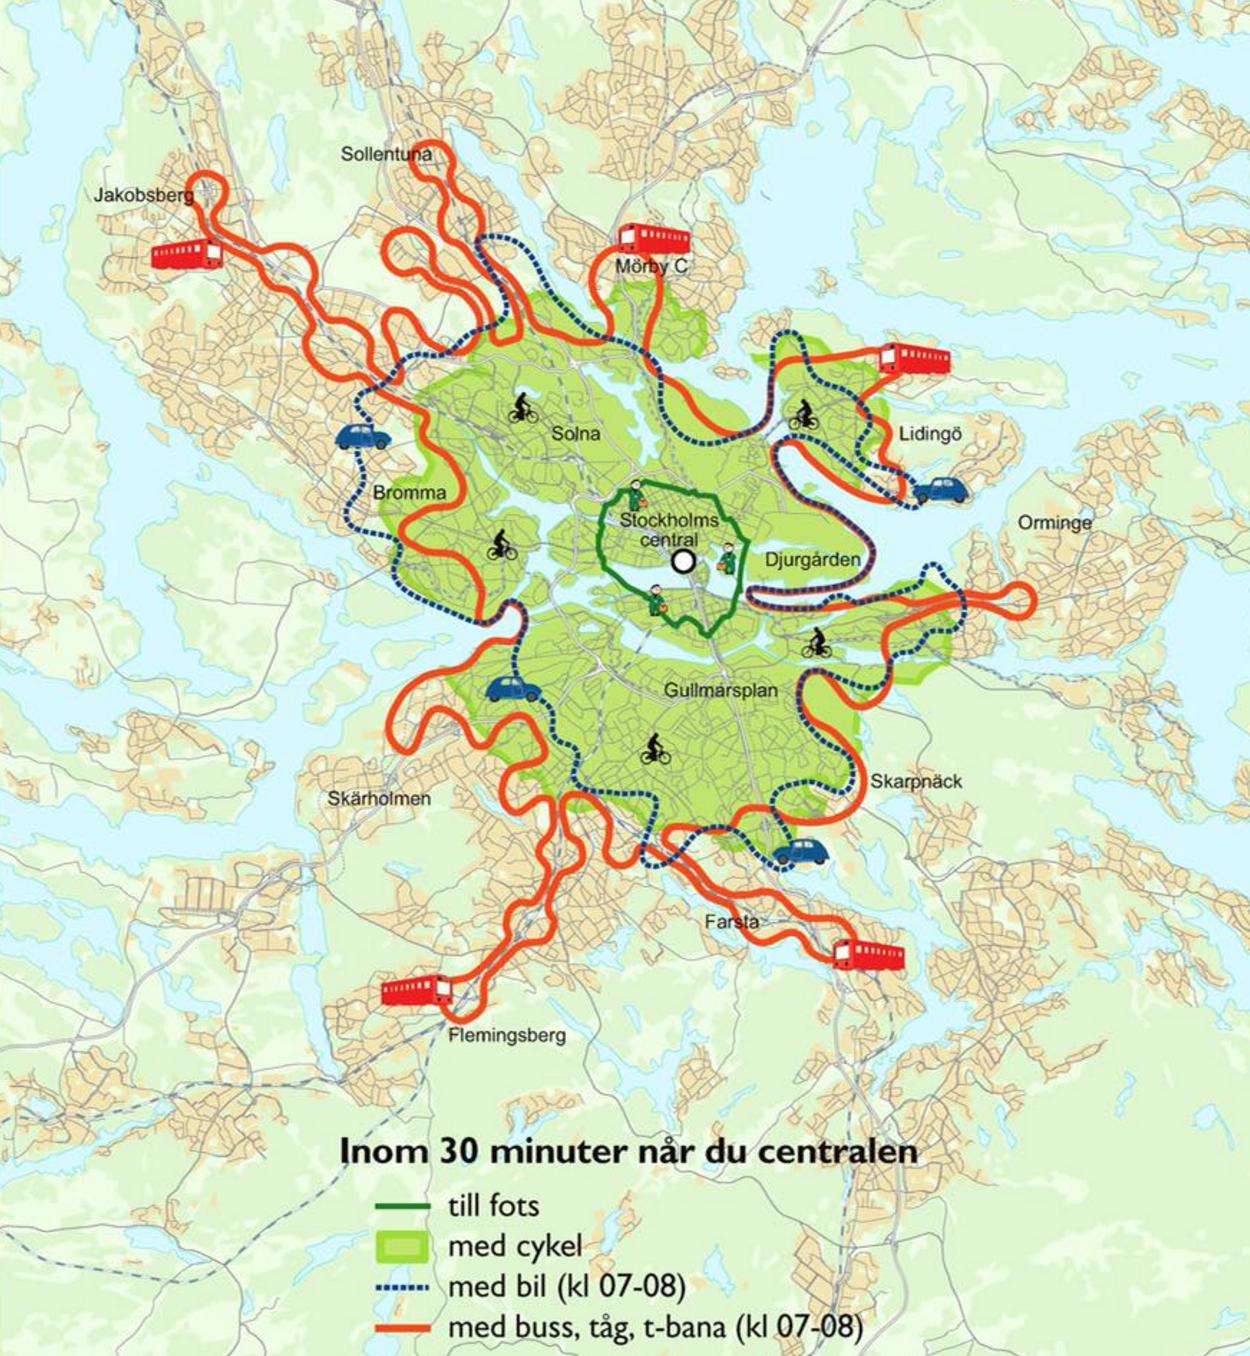 Stockholms Cykelplan, olika transportsätt jämförs